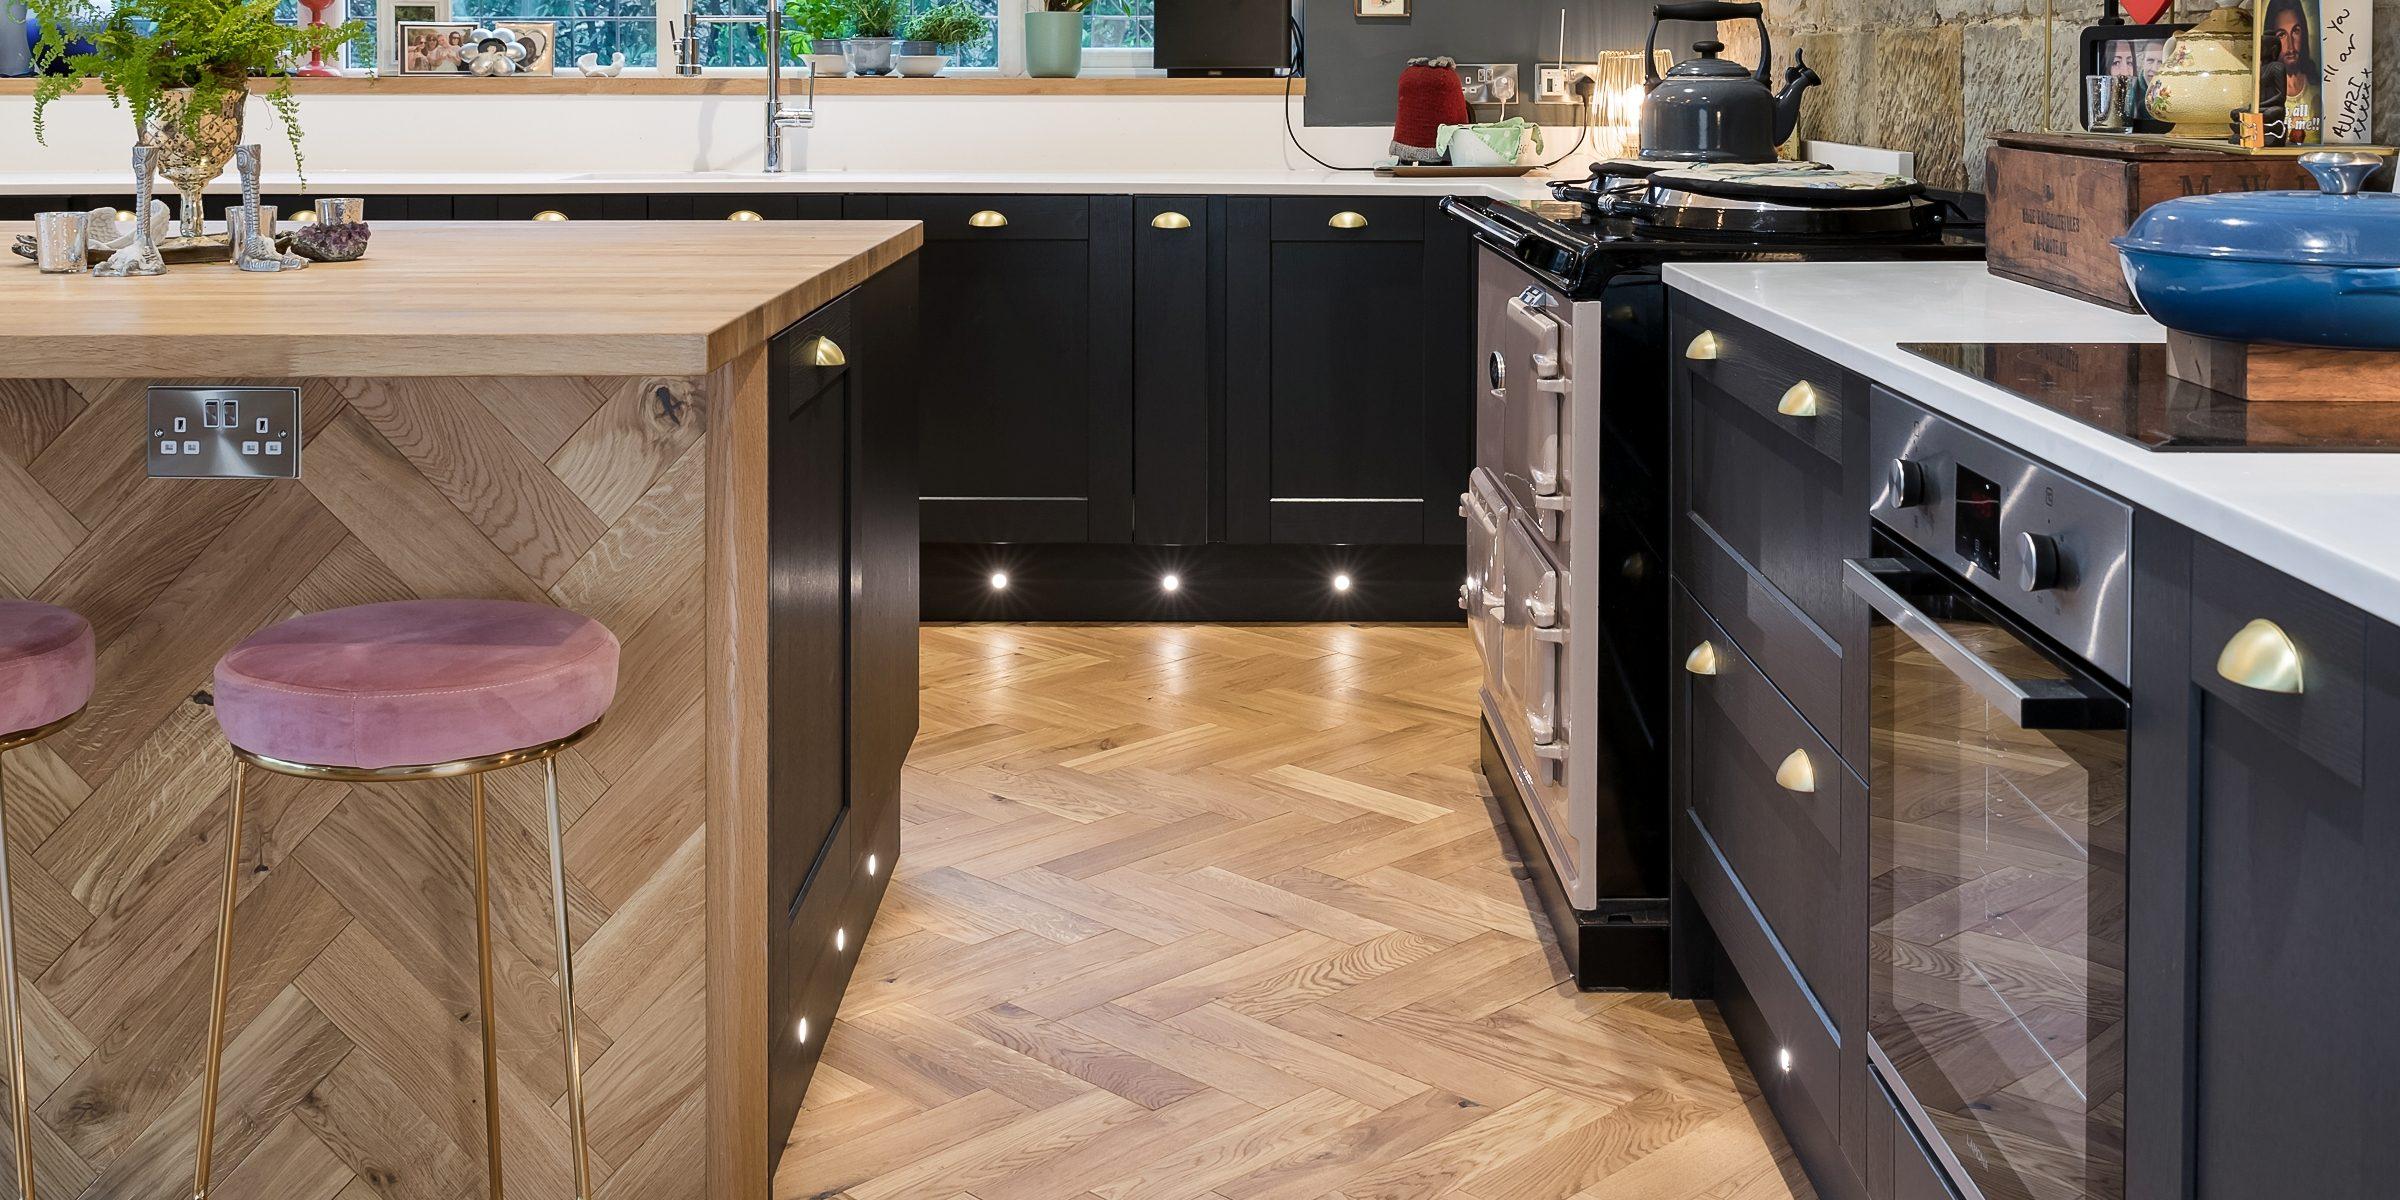 herringbone wood floors on kitchen island